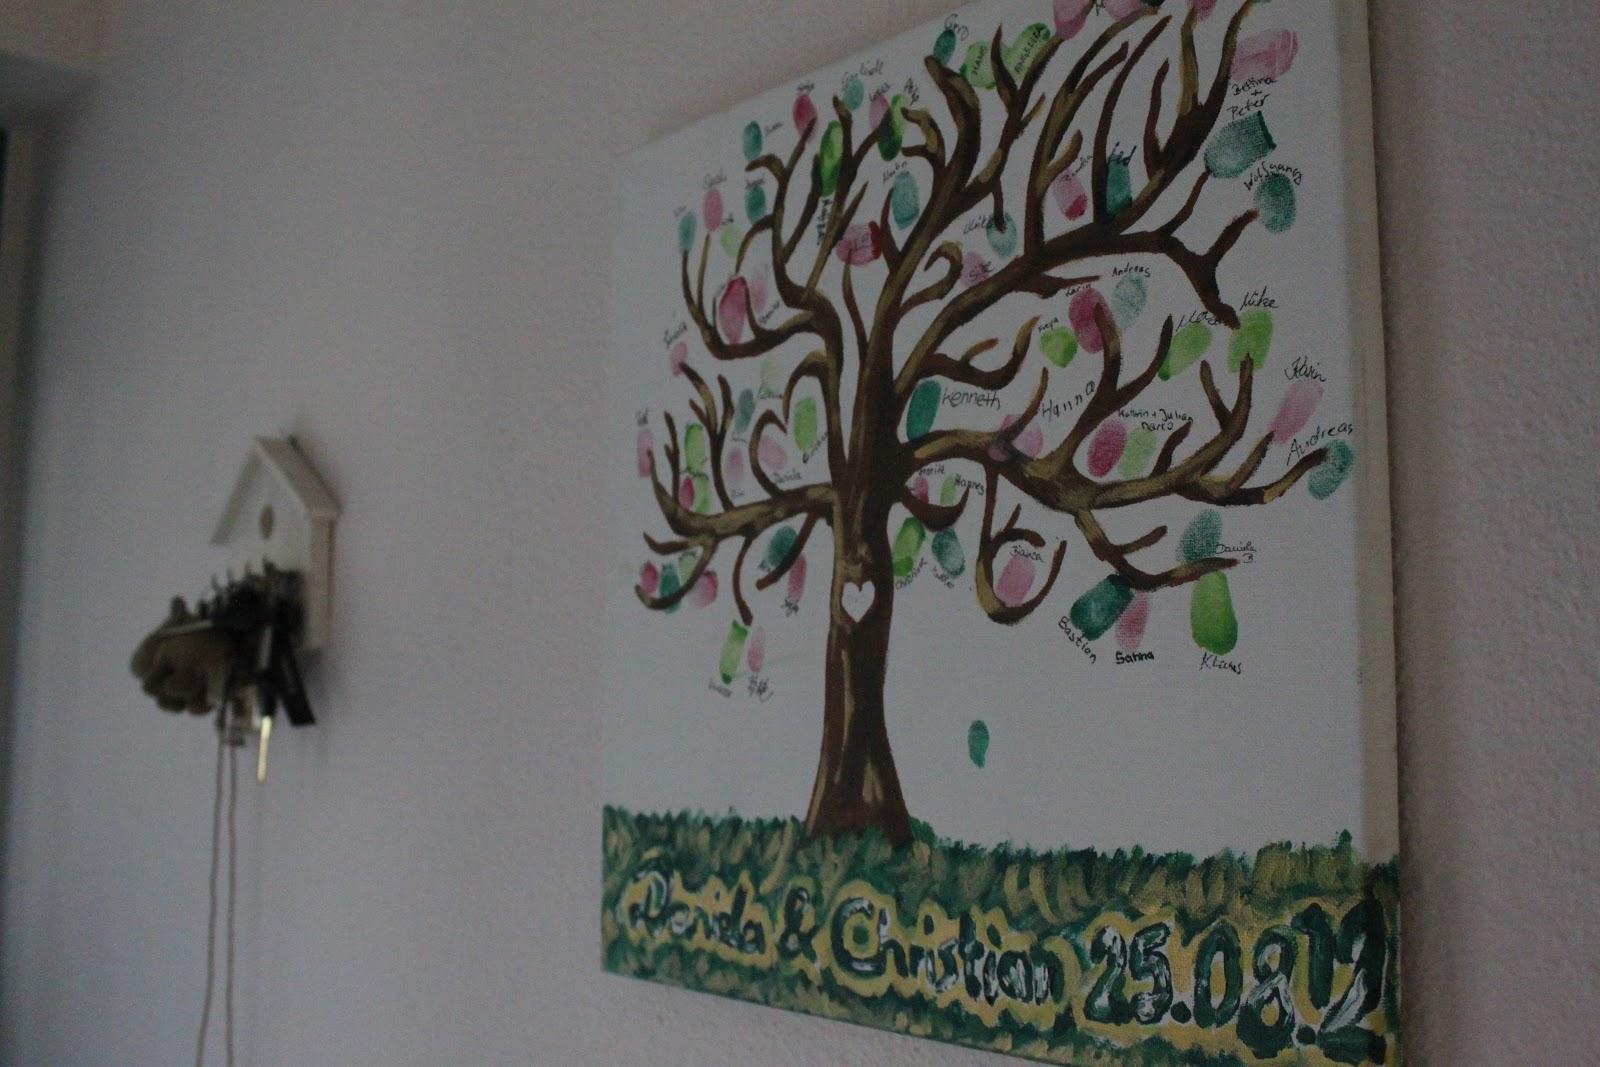 cassinicoloni hochzeitsbaum